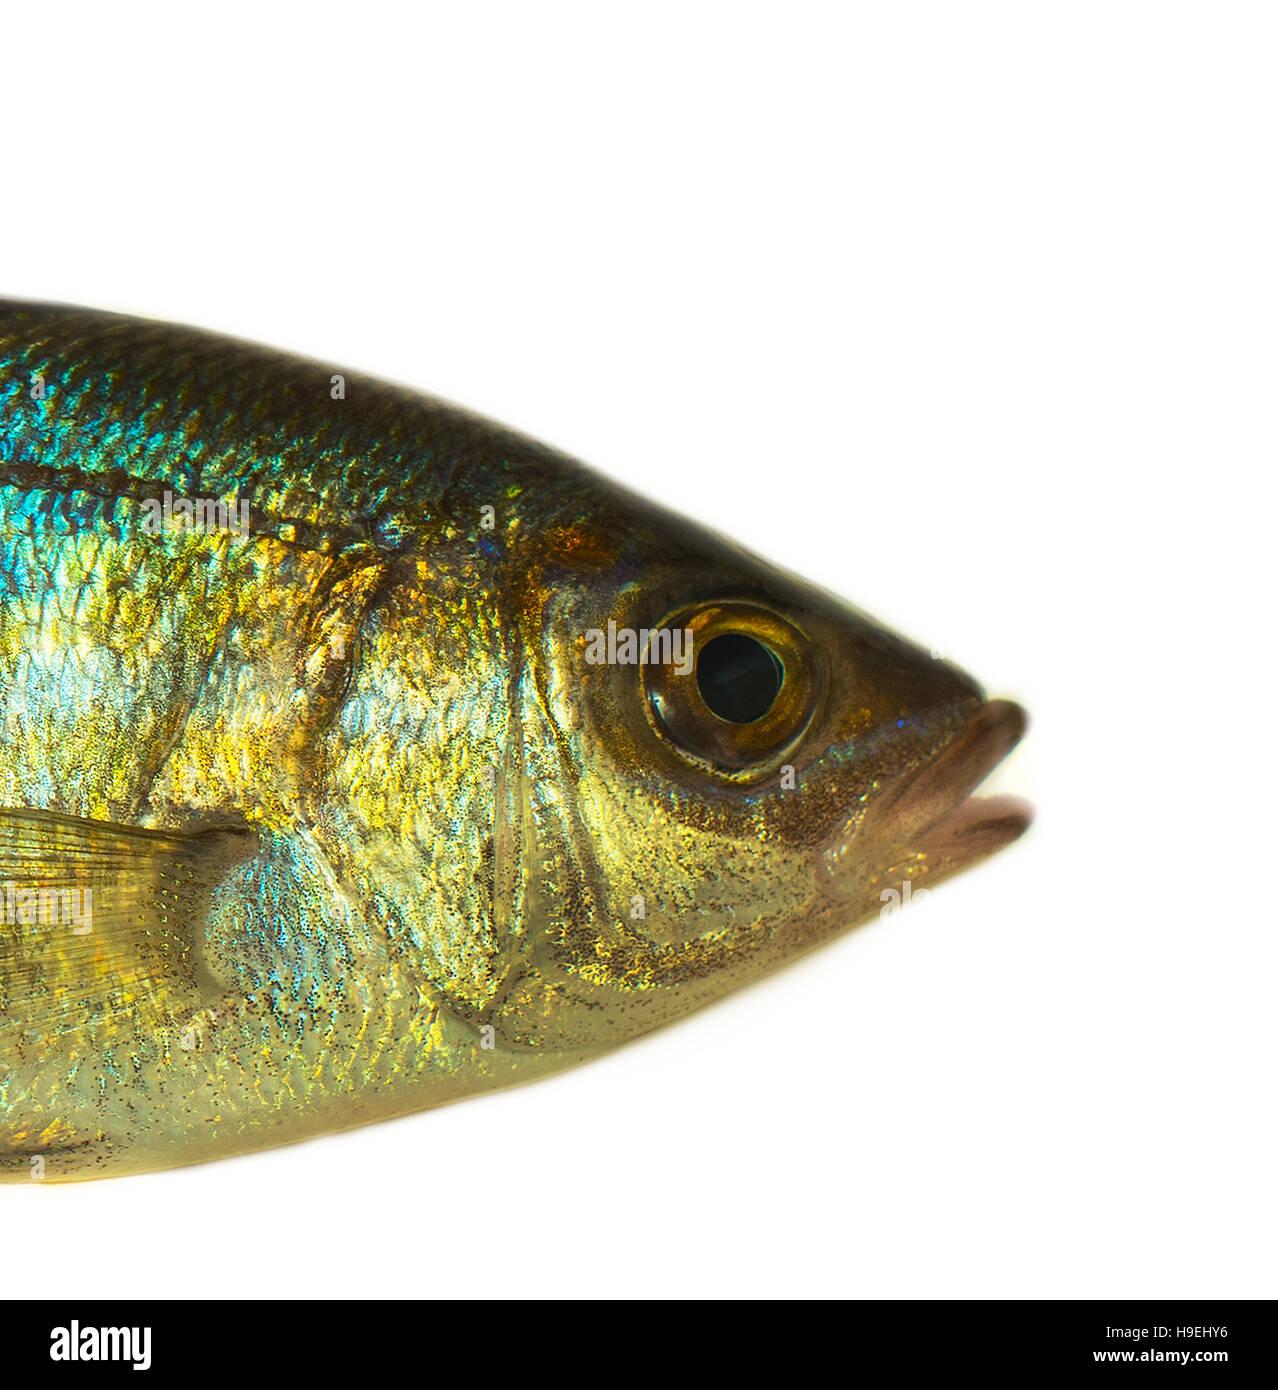 sea fish, closeup isolated - Stock Image